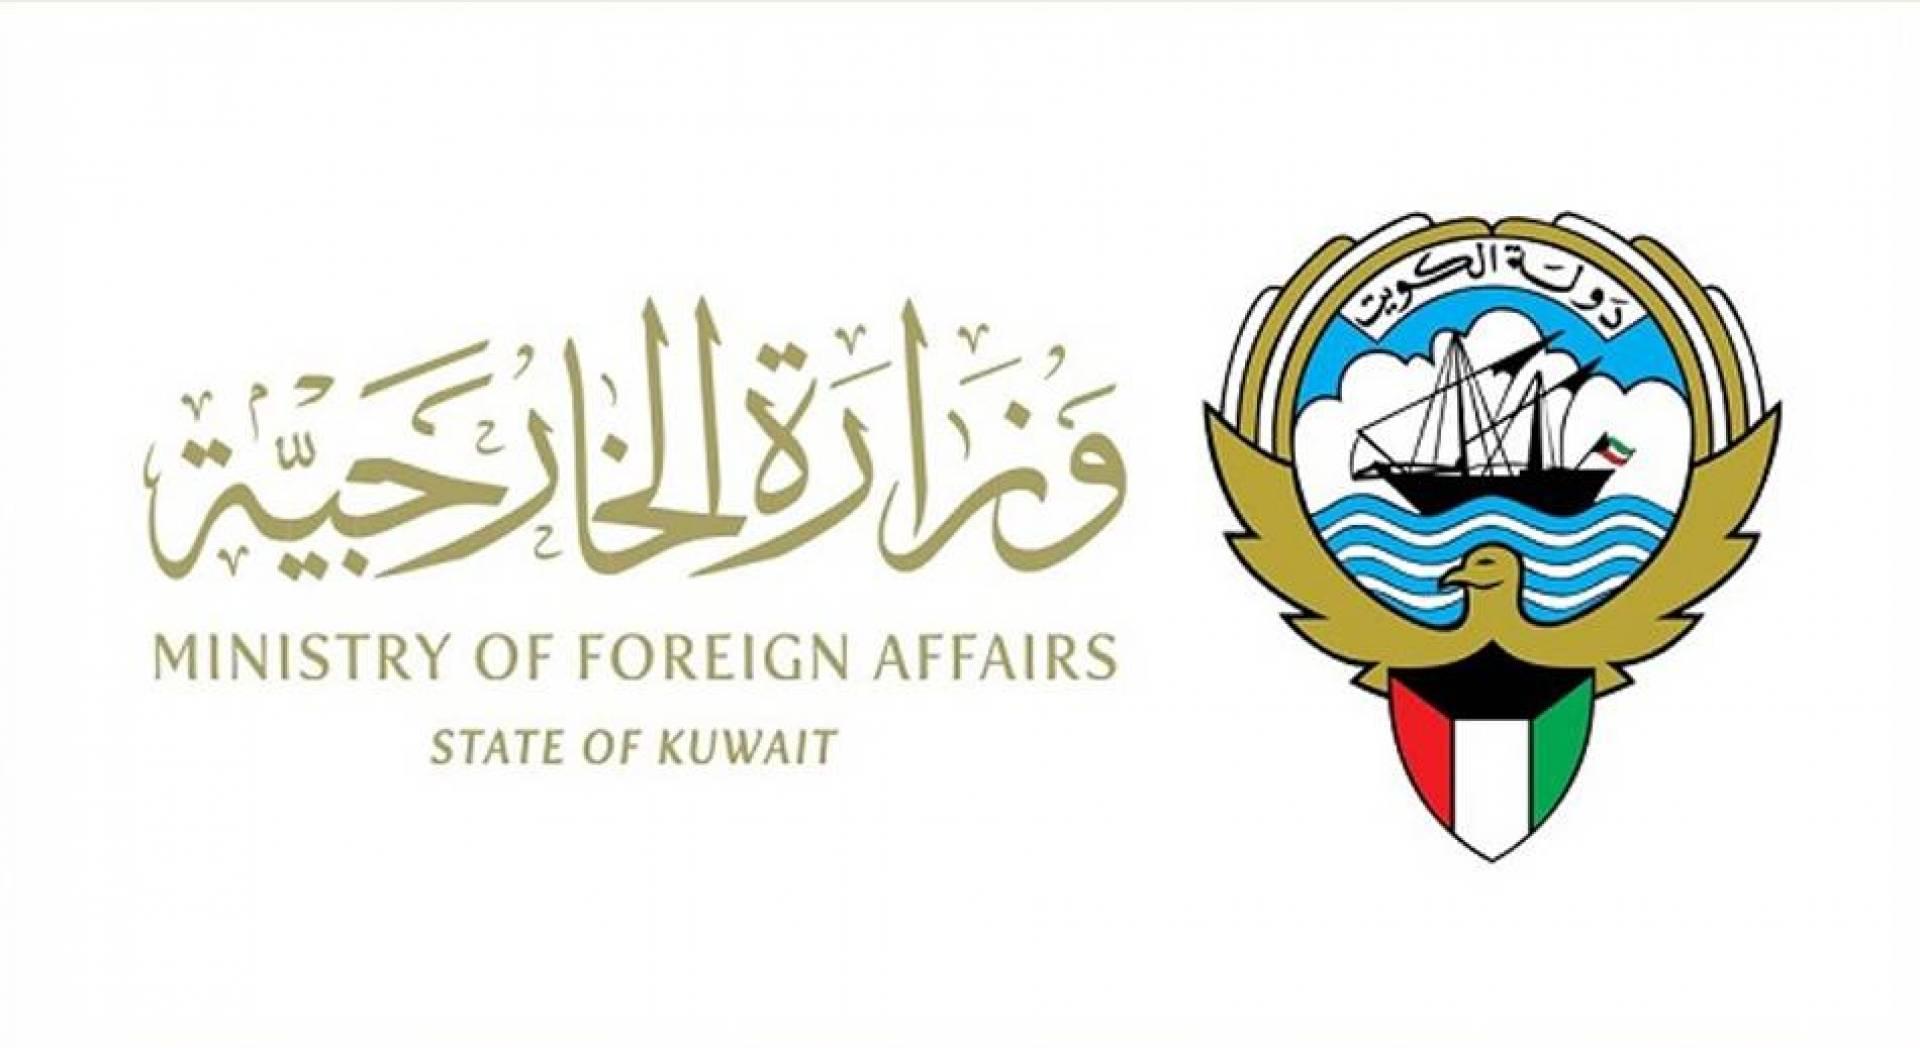 الخارجية: لاصحة إطلاقاً لمشاركة وزير الخارجية بصفقات عقارية بأميركا